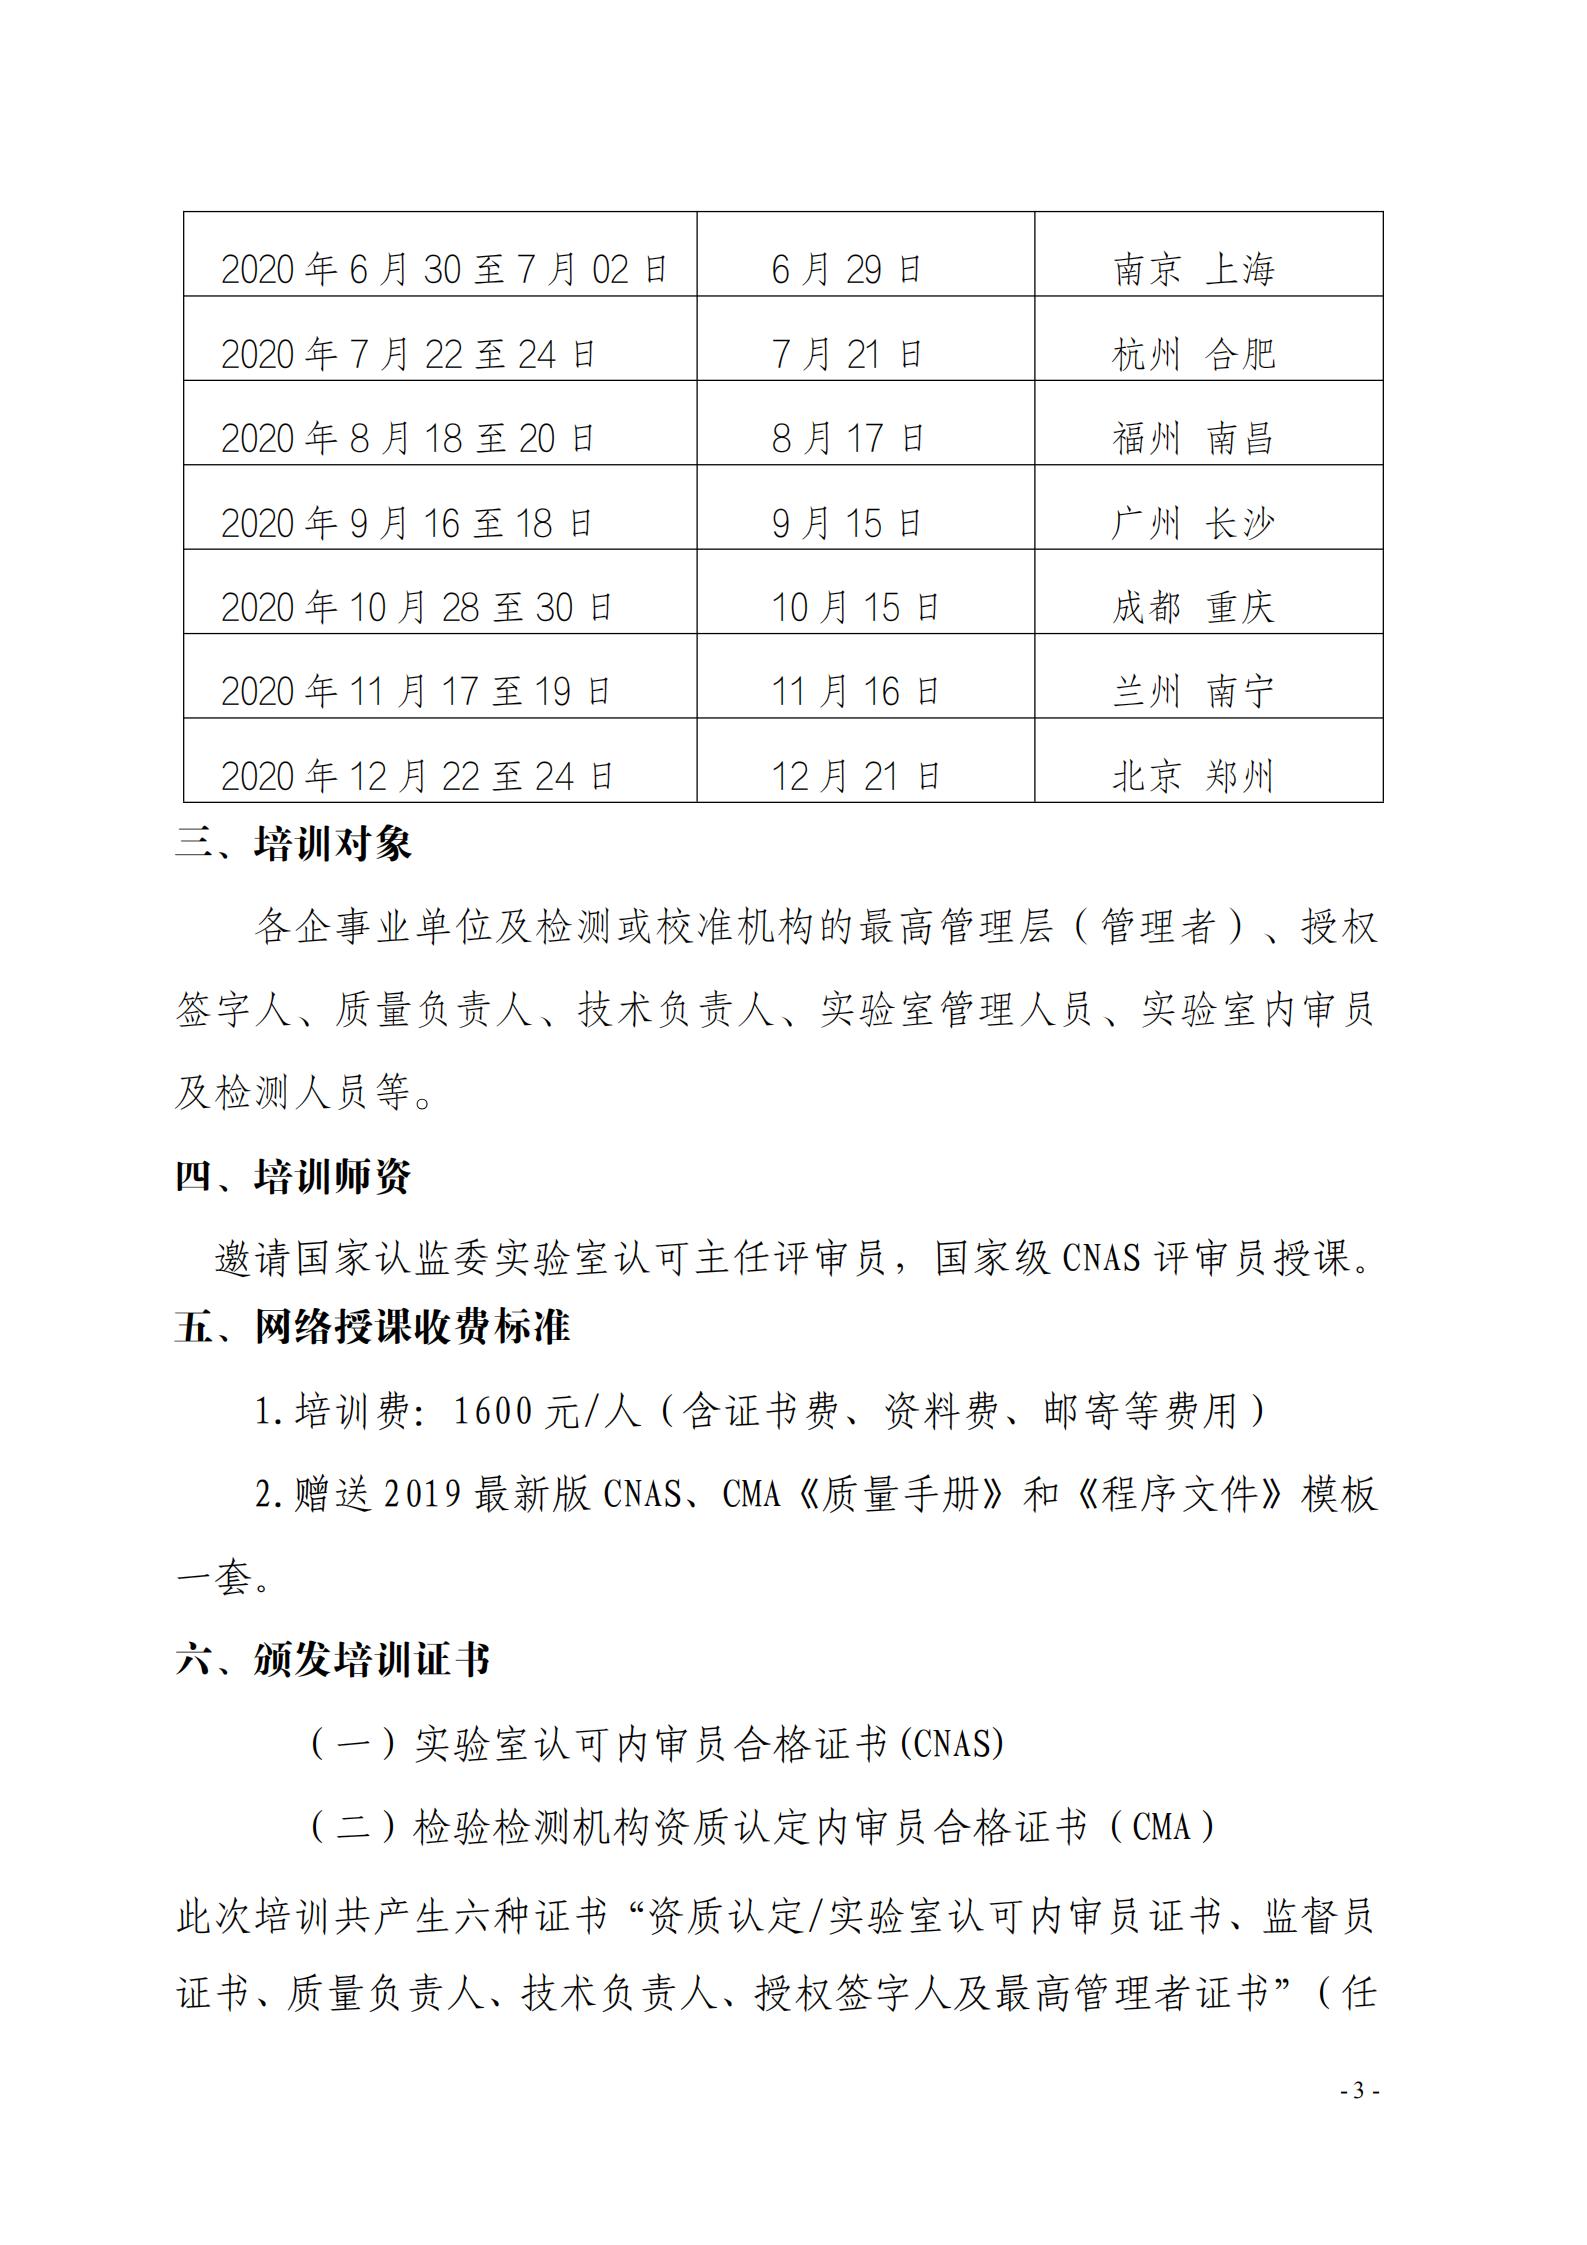 3.CNAS-CL012018-林海_02.png